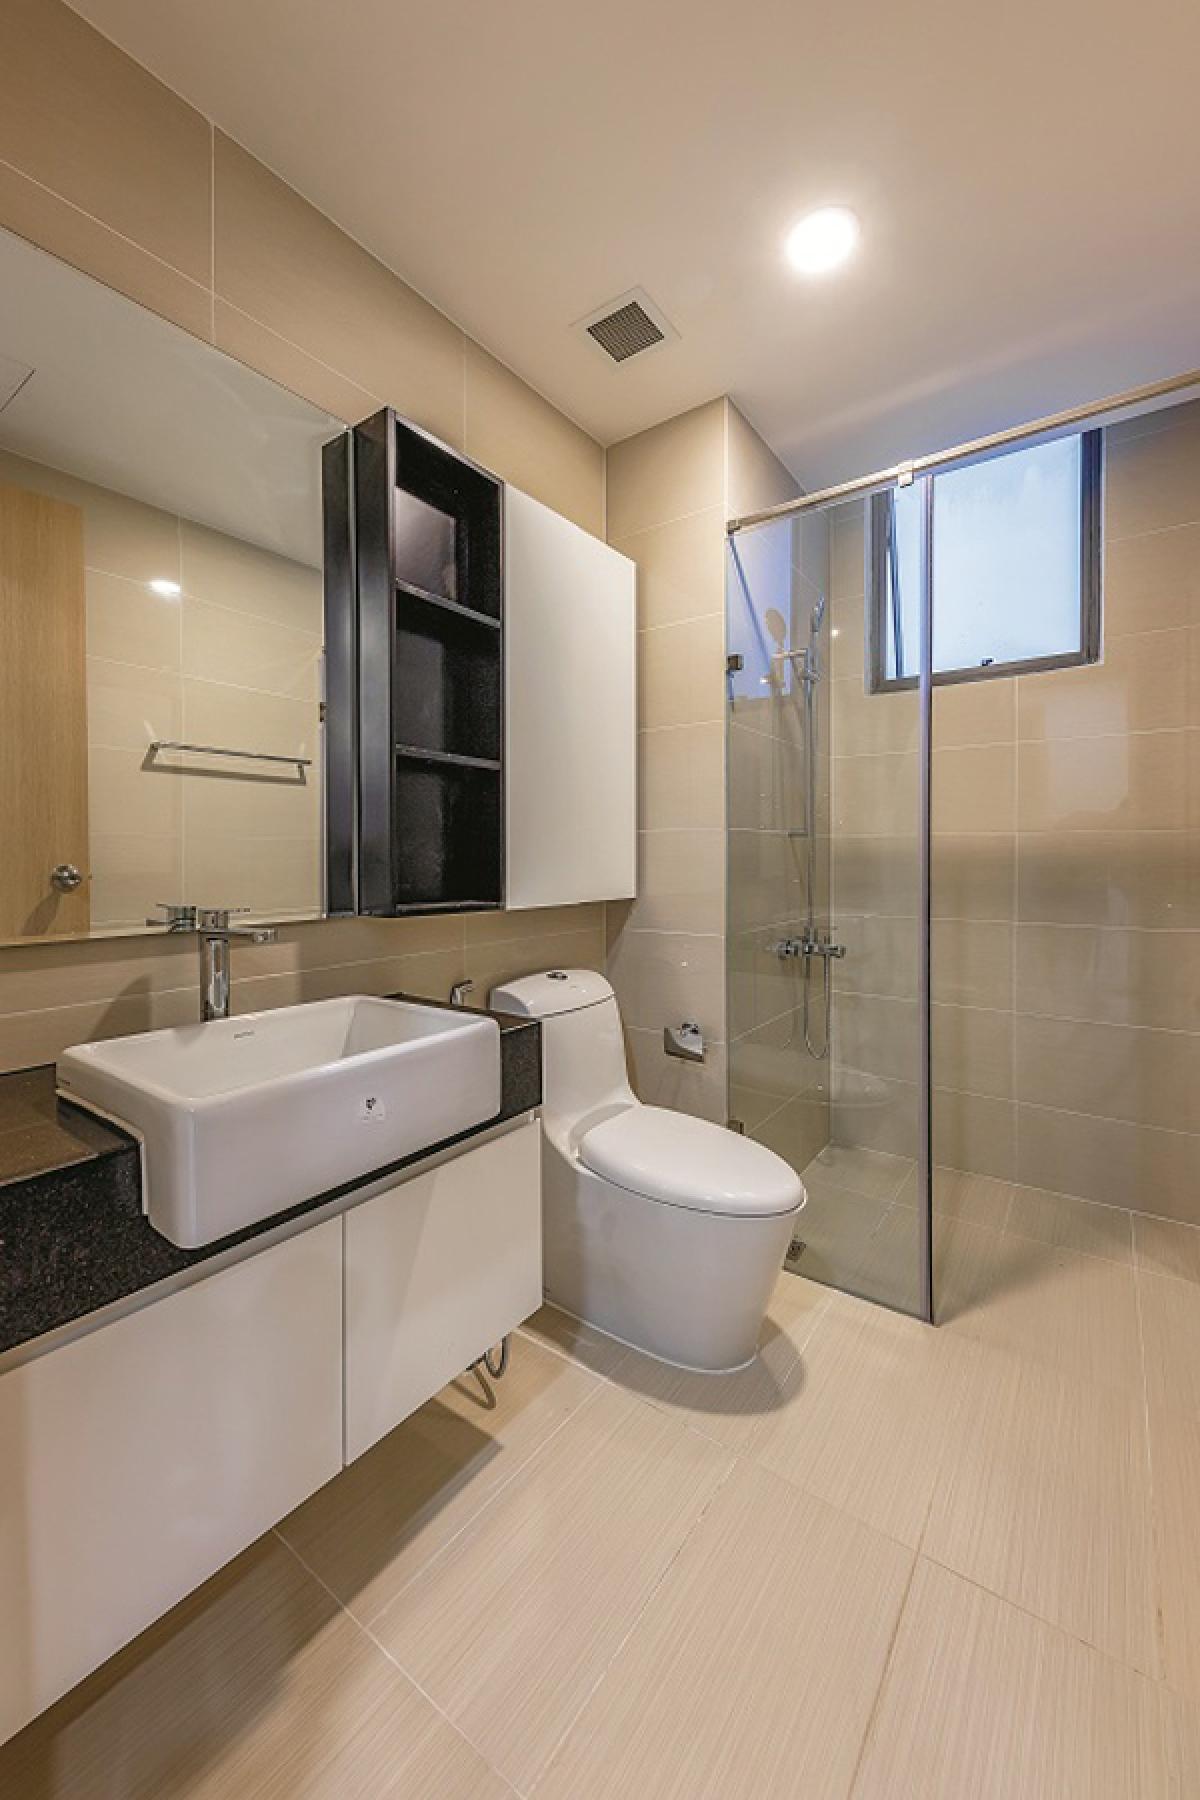 Phòng vệ sinh cũng với màu đen trắng nổi bật trên nền gạch ốp lát màu be nhạt. Các tủ kệ được thiết kế hợp lý phục vụ cho việc đựng các đồ vật cần thiết trong không gian này./.